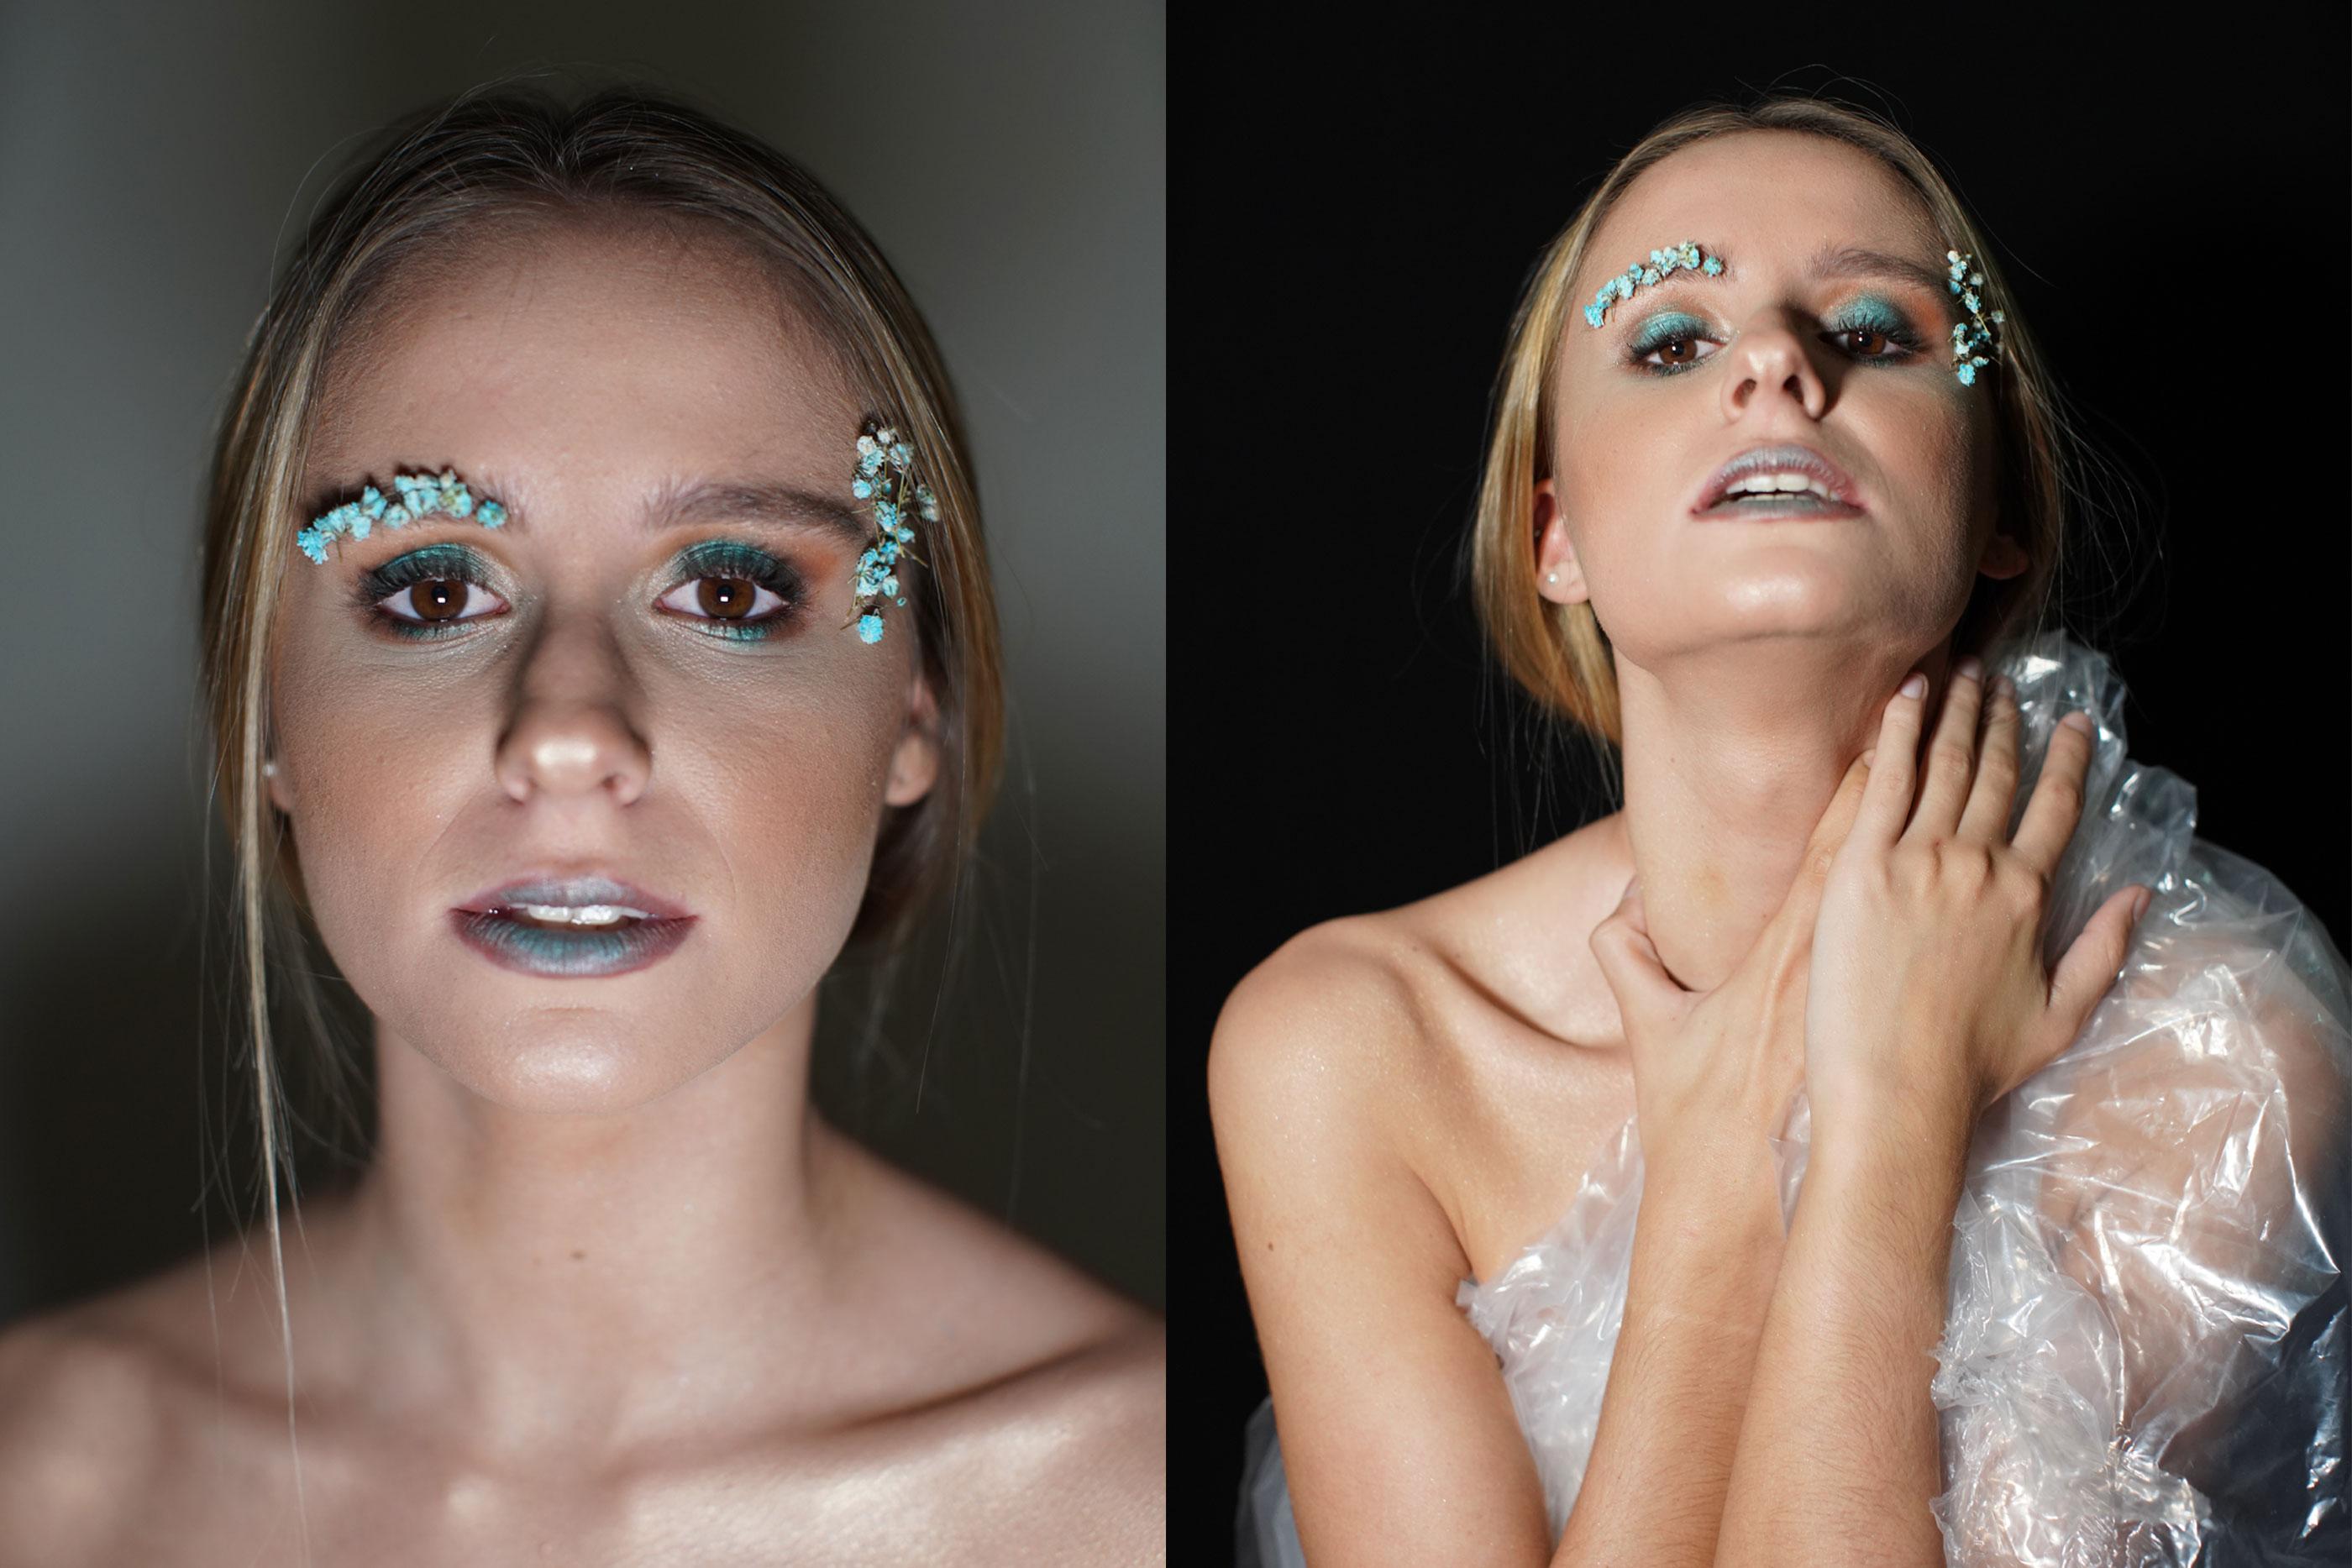 Margarida é a terceira tela humana de Raquel, com uma maquilhagem em tons de azul e utilização de flores no mesmo tom, enquanto que parte do corpo é revestido a plástico, que remete para os problemas ambientais.